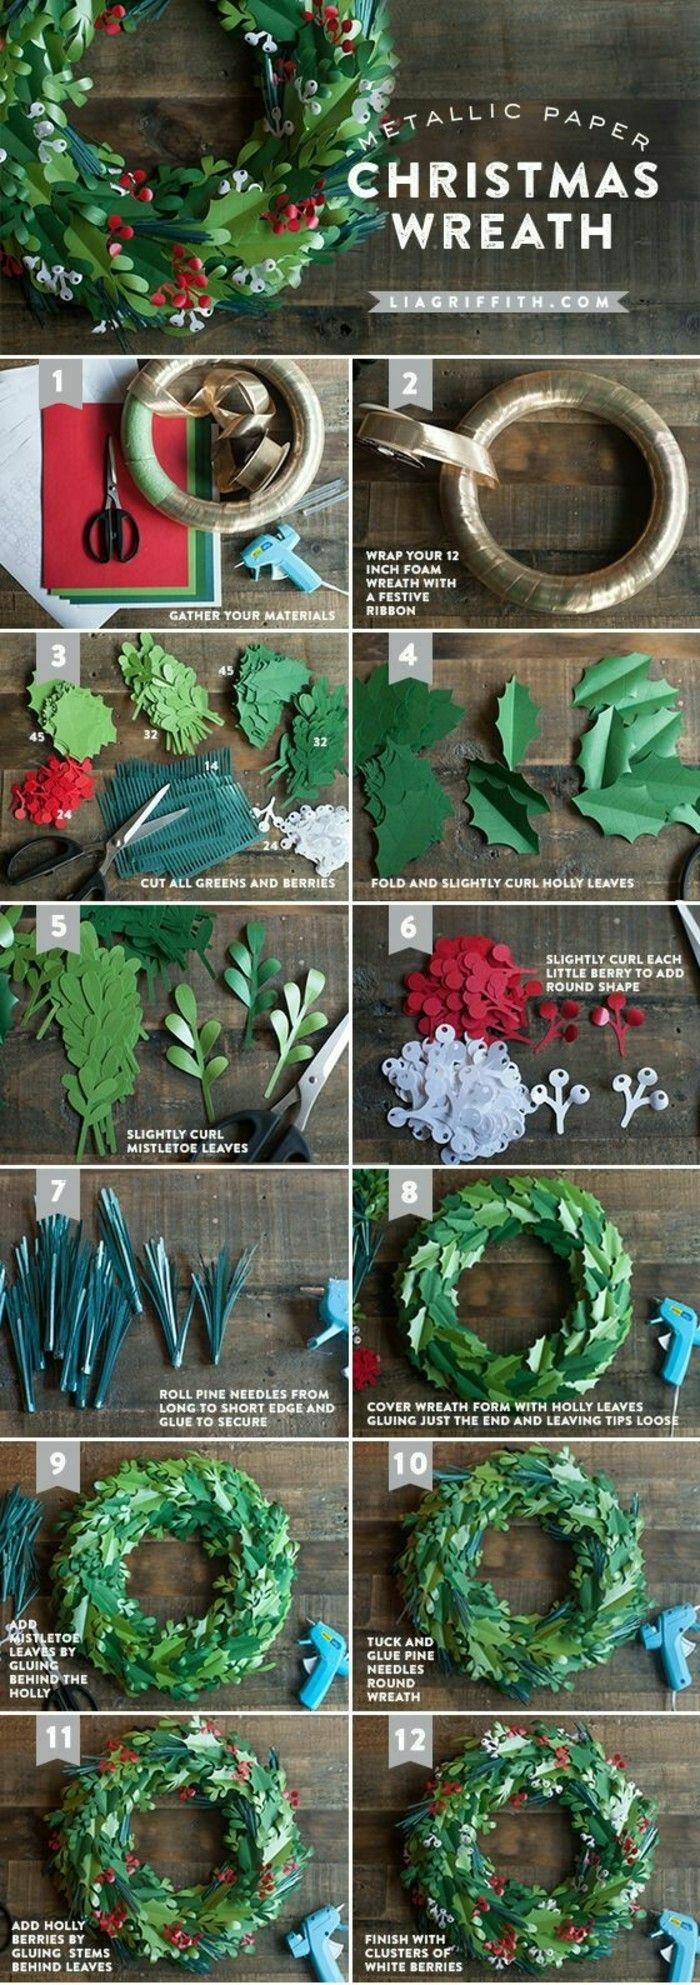 anleitung diy schritt für schritt weihnachtskranz tür selber machen kreative bastelideen weihnachten grüner kranz aus papier